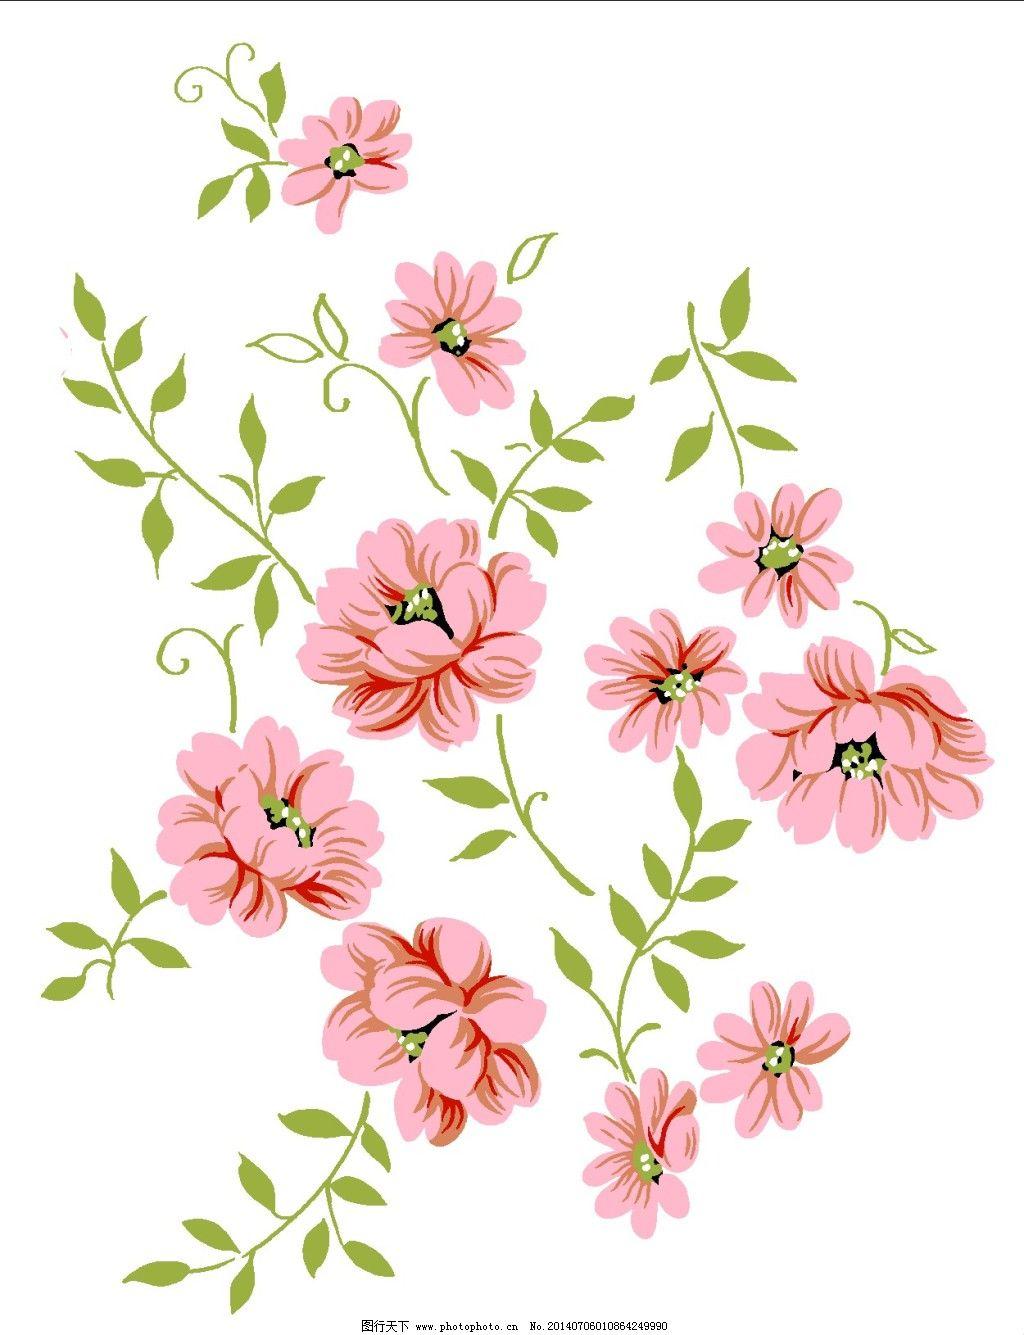 粉色花 粉色花免费下载 手绘素材 手绘图 粉色花手绘插画 装饰素材